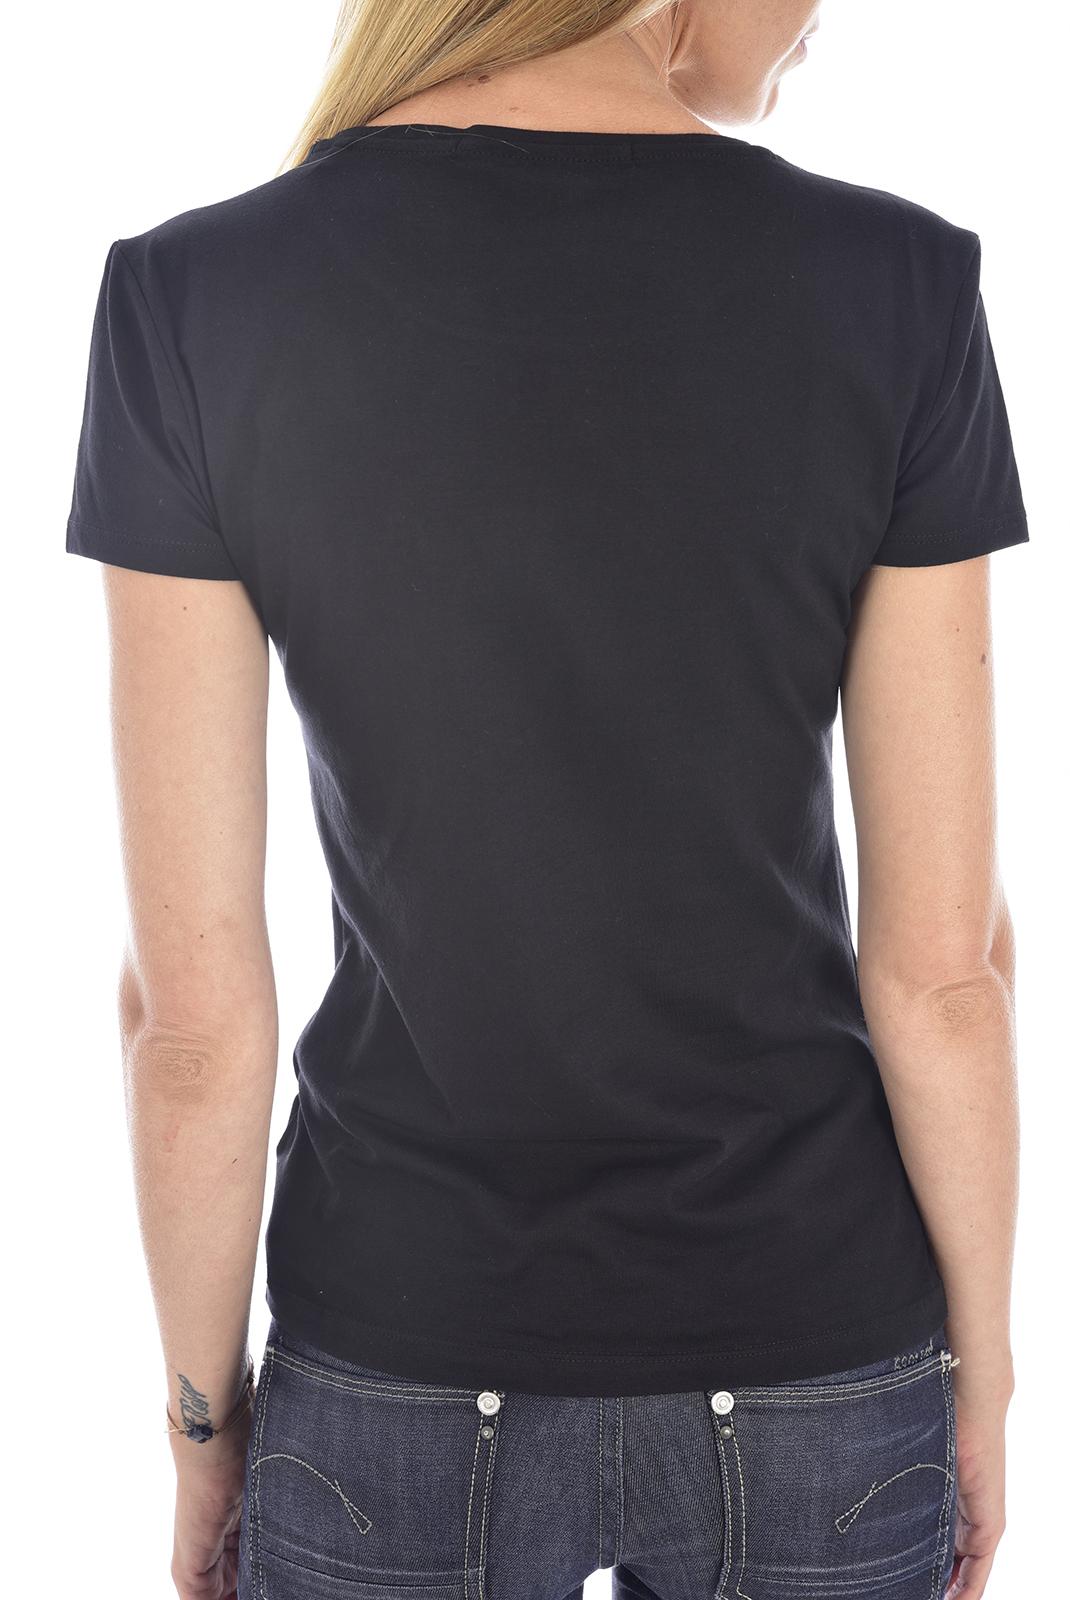 Tee shirt  Guess jeans O94I00J1311 A996